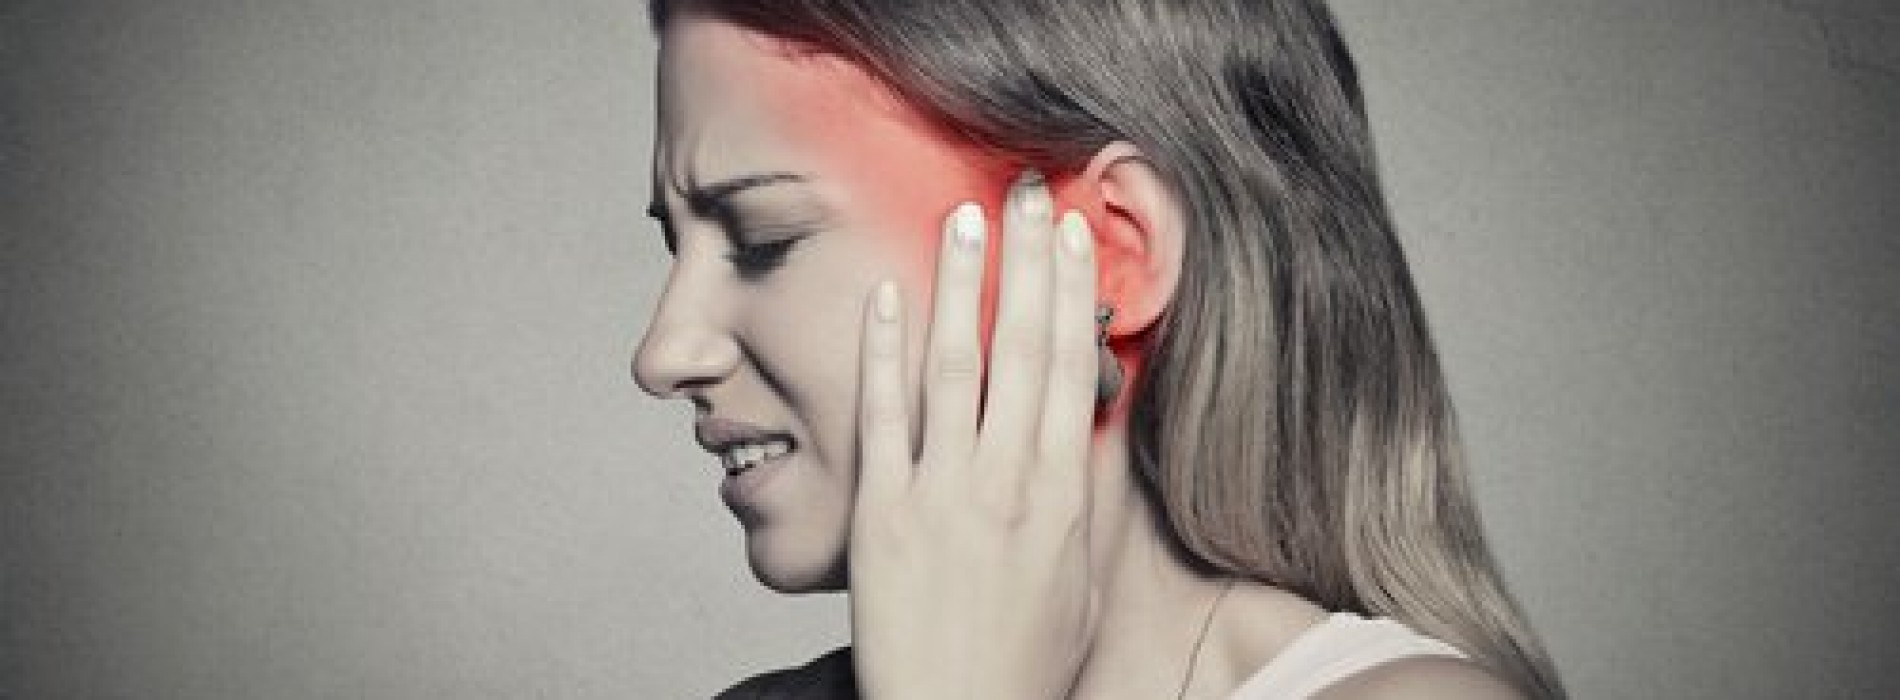 Natuurlijke manieren om tinnitus te behandelen